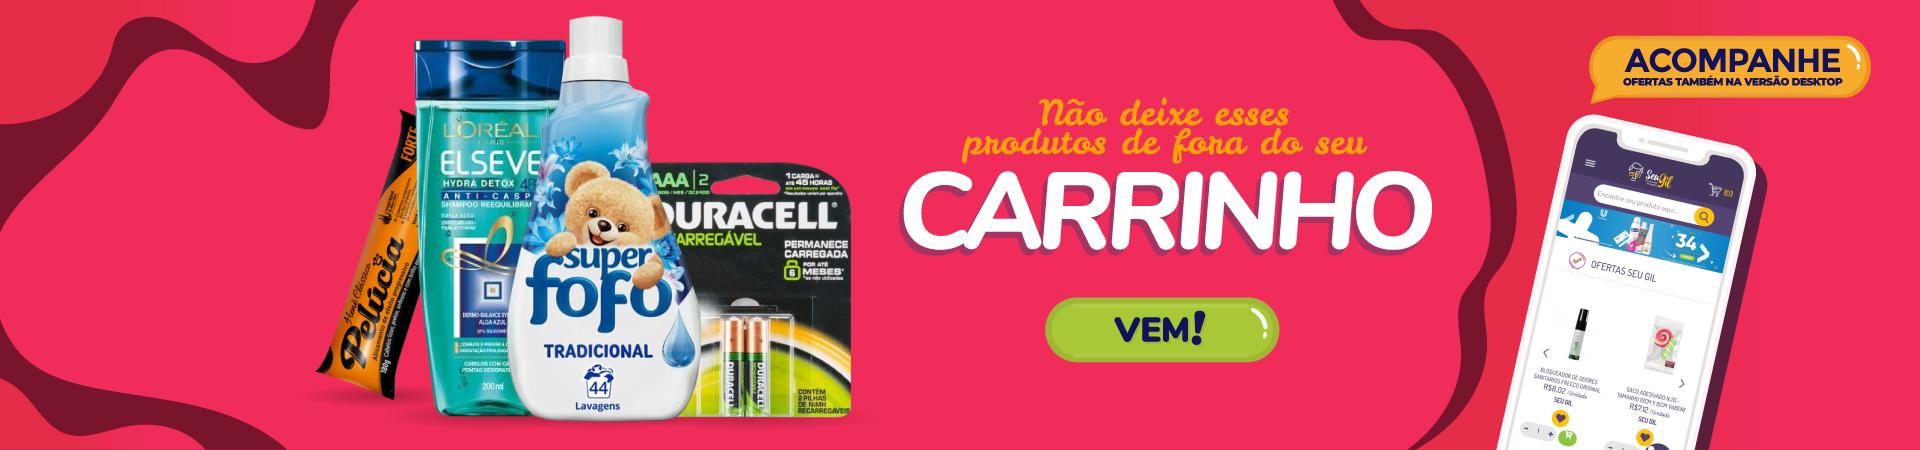 Banner Carrinho